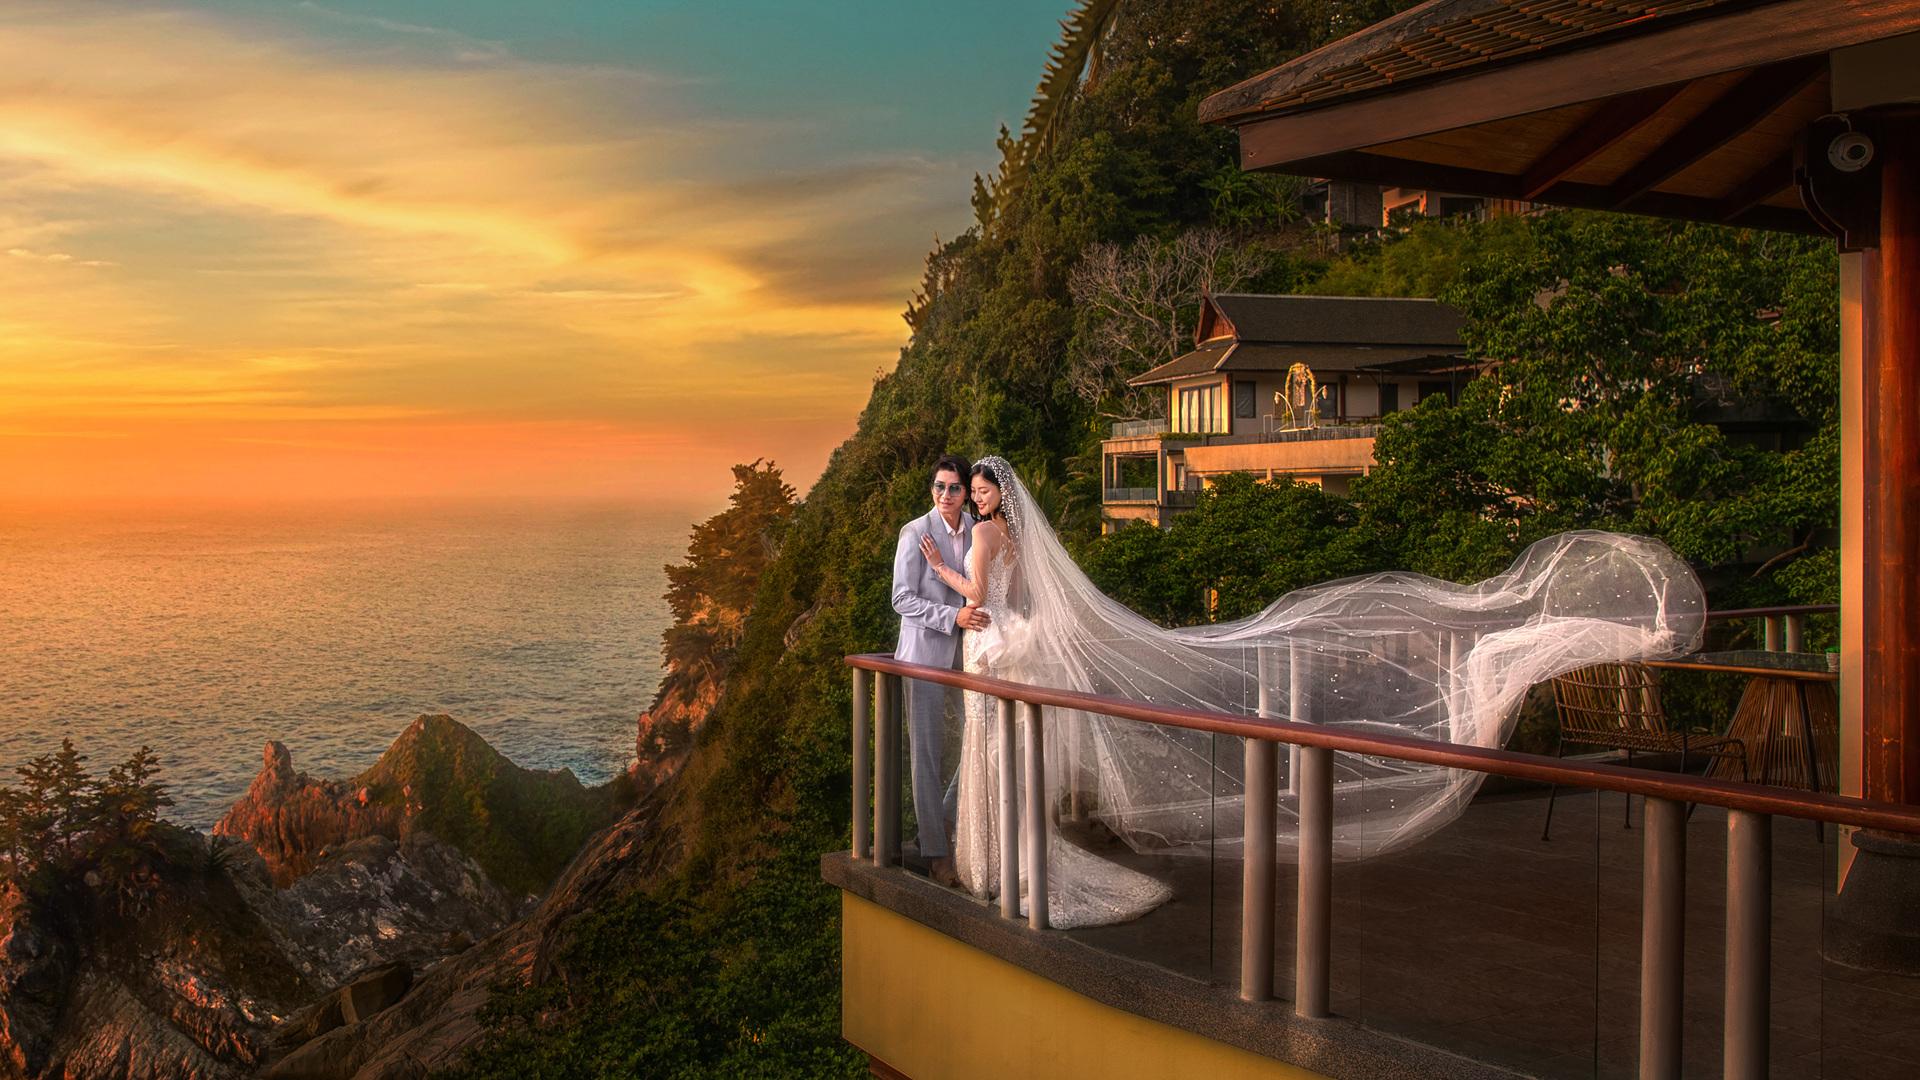 厦门好的婚纱摄影风格有哪些?婚纱摄影风格要怎么选?